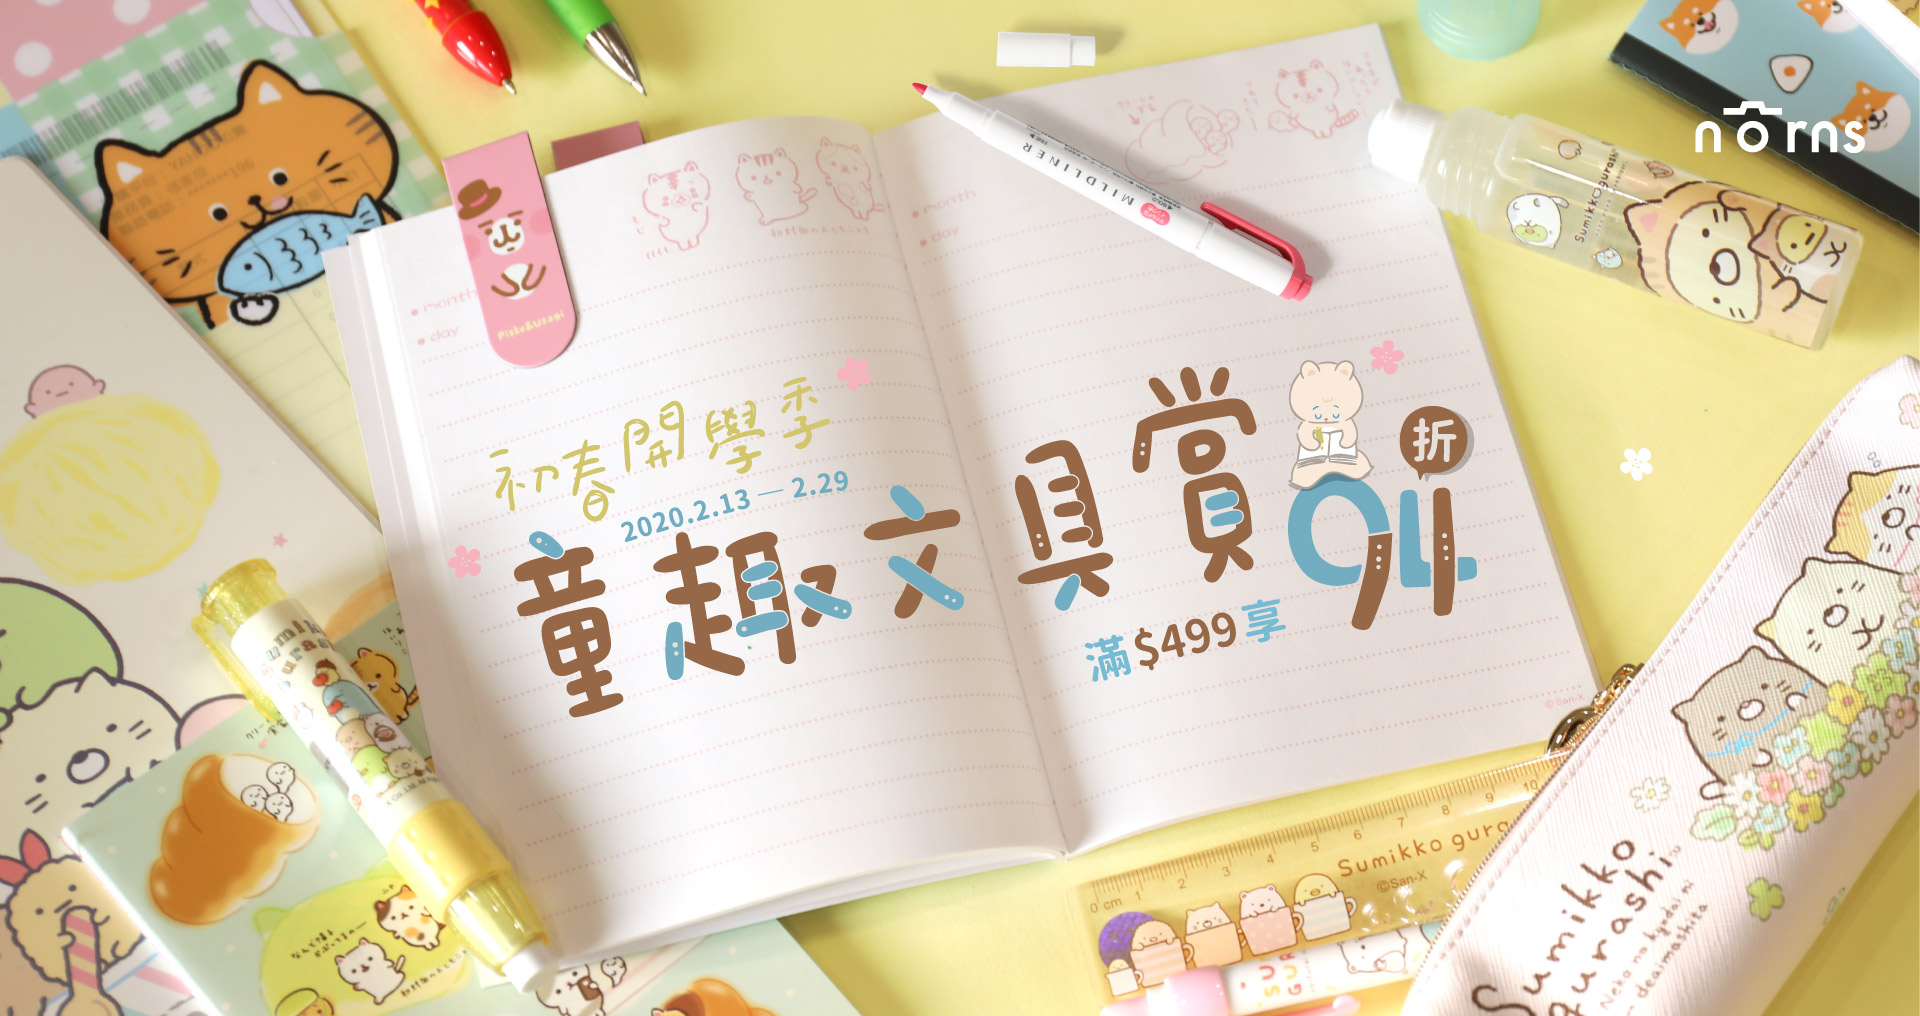 2/13(四)~2/29(六)【初春開學季‧童趣文具賞】滿$499享94折